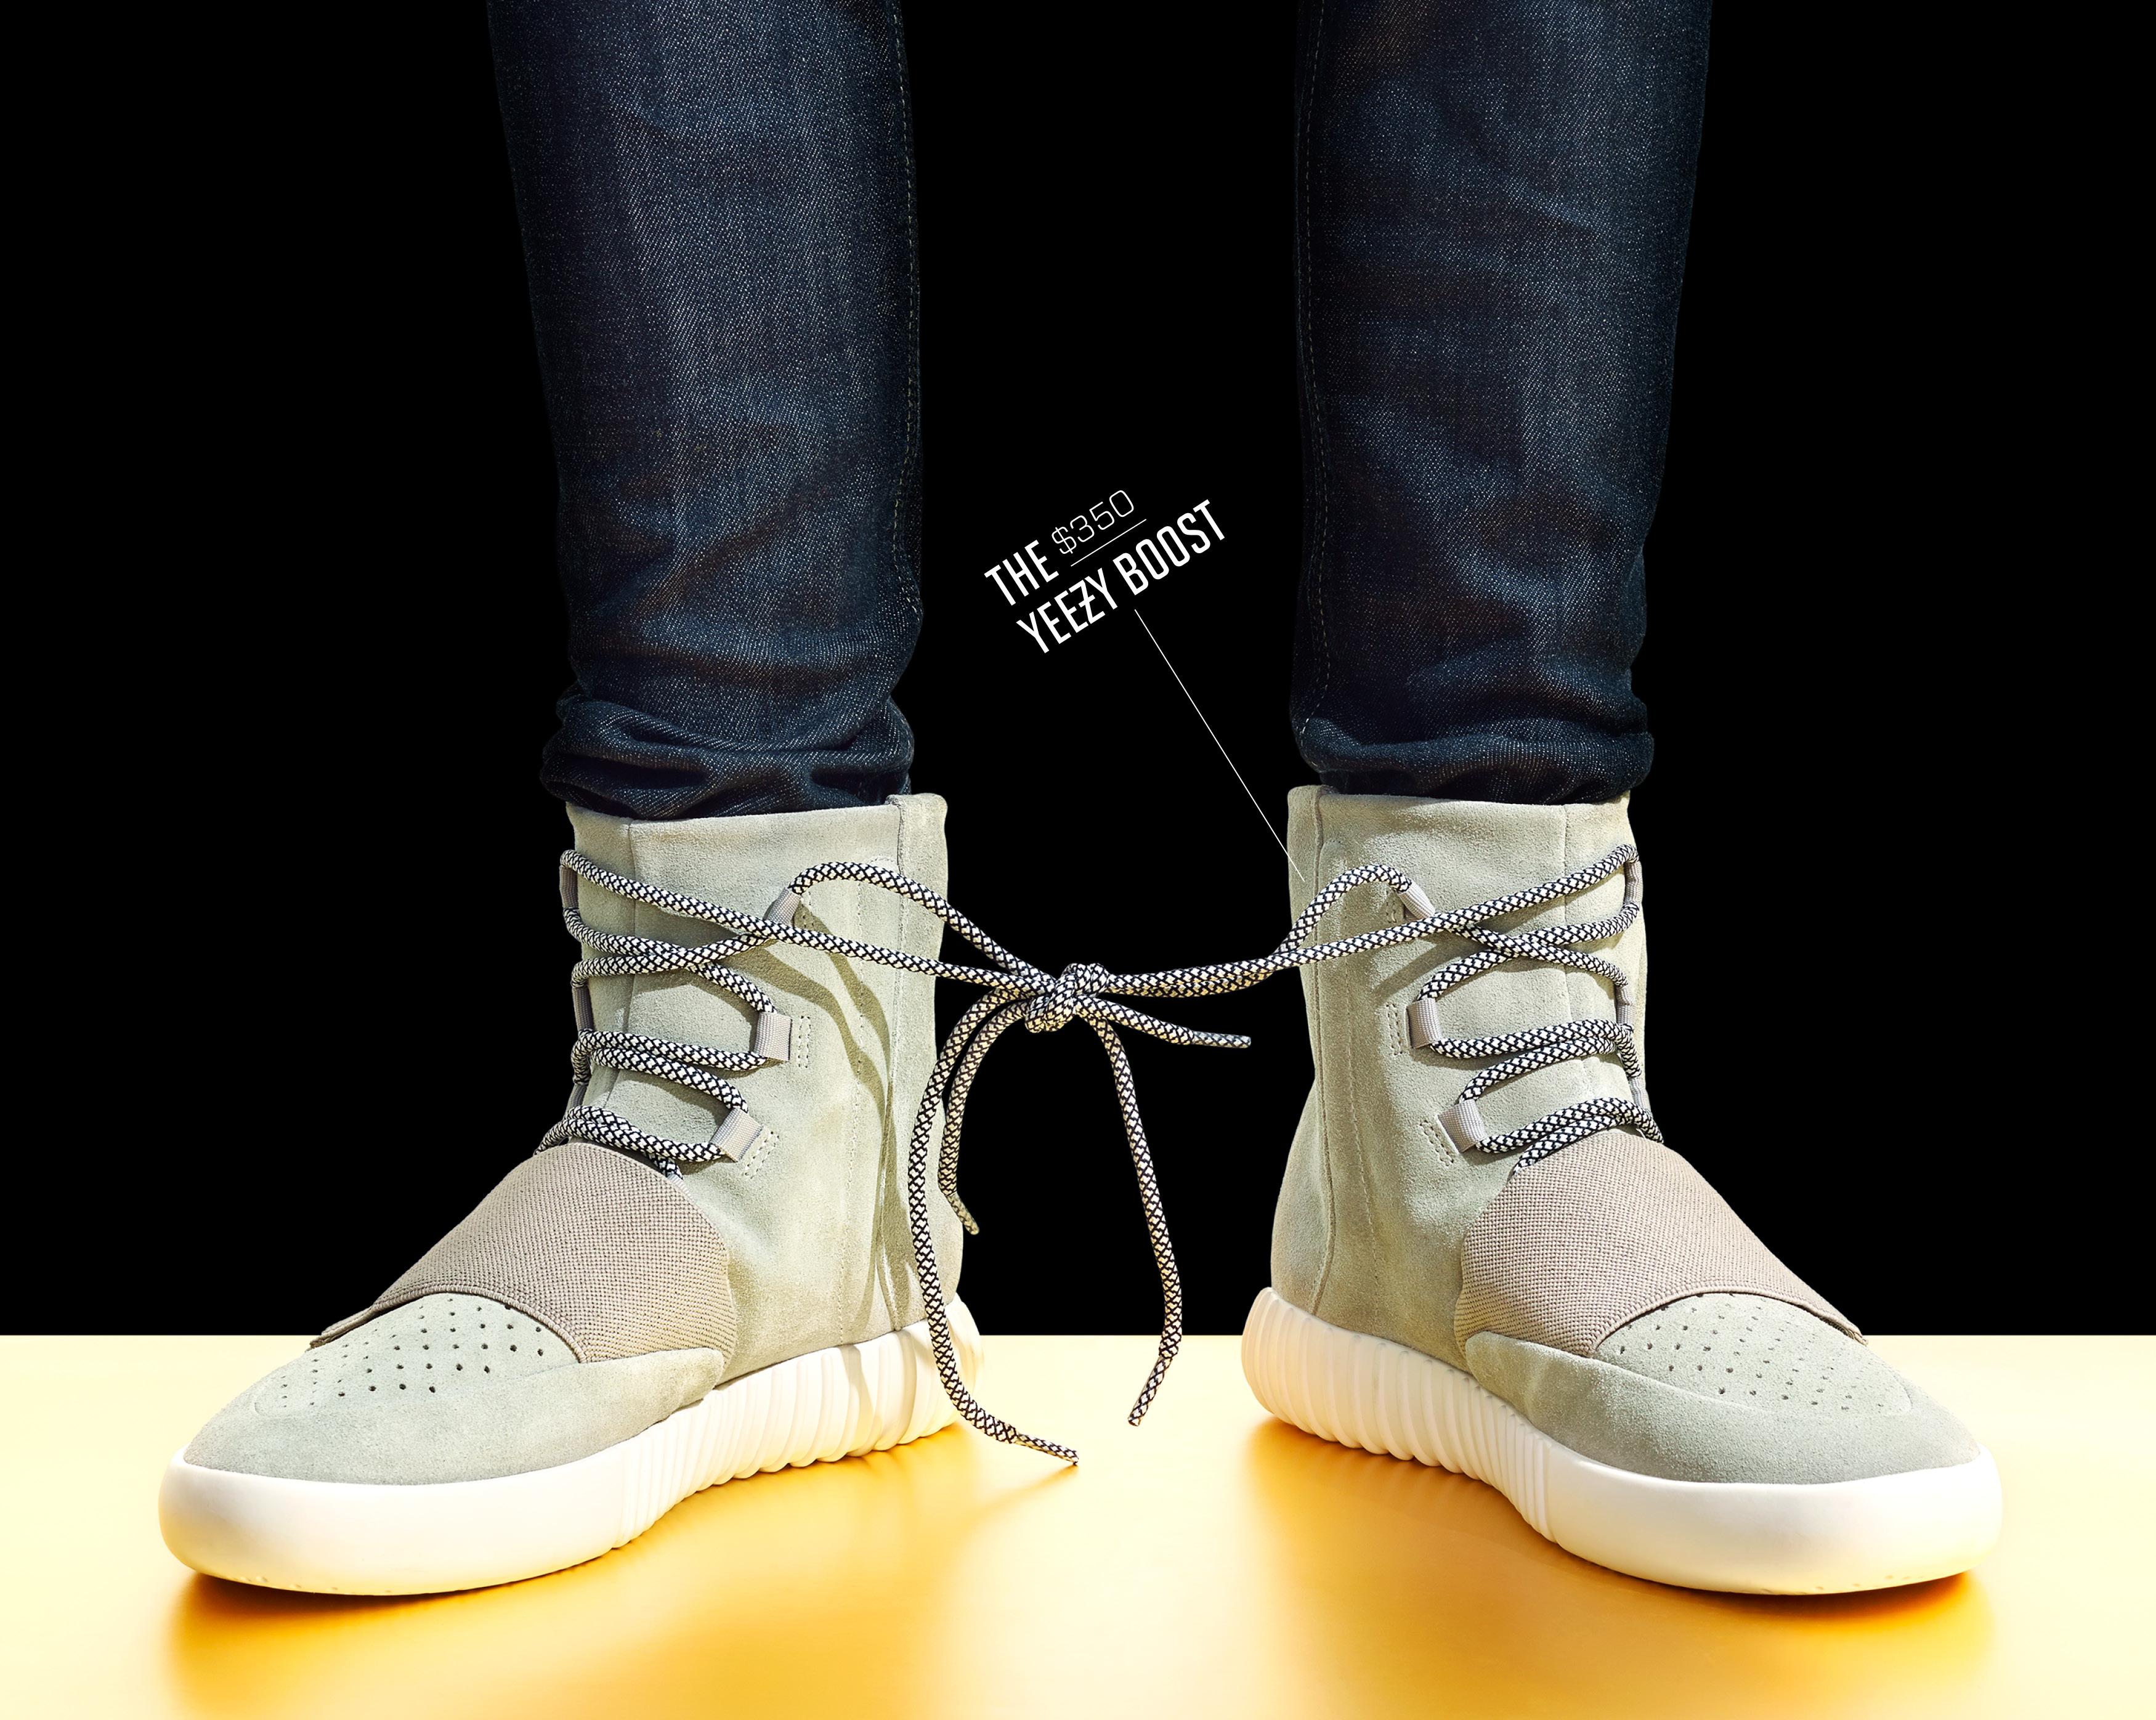 Gdzie mogę kupić słodkie tanie sprawdzić Can Kanye West Save Adidas?   Fortune